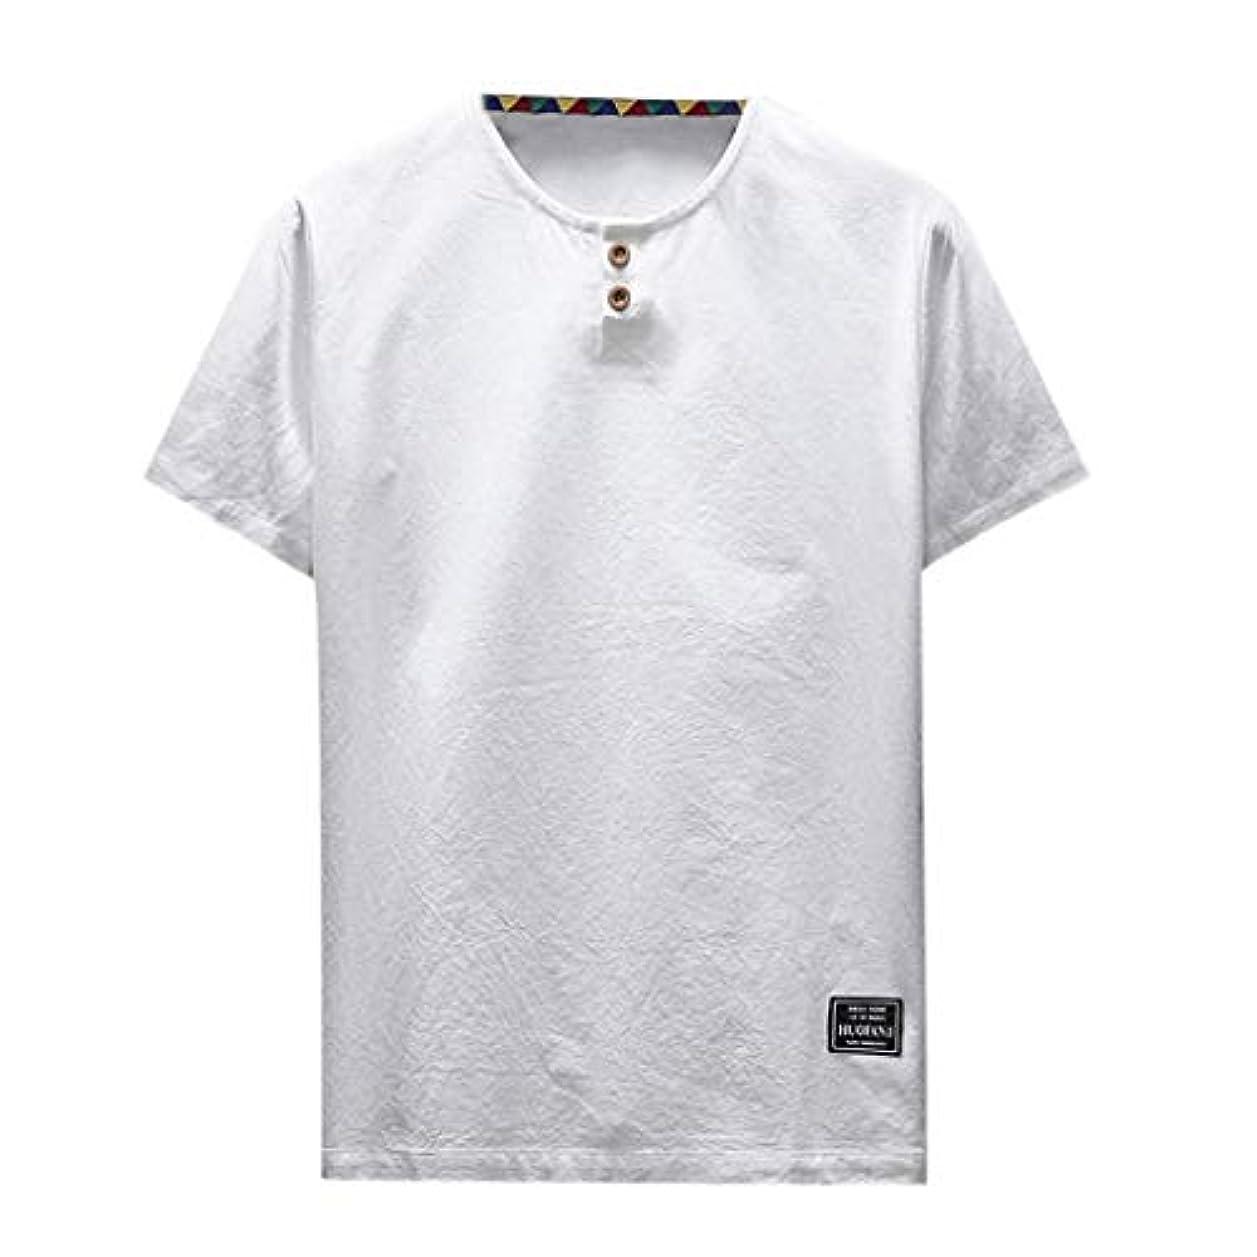 修理工休憩品種OD企画 Tシャツ メンズ 半袖 シャツ メンズ tシャツ メンズ おおきいサイズ 日系 綿麻 丸首 半袖シャツ シャツ 半袖 ブラウス トップス ゆるtシャツ 春夏節対応 おしゃれ ゆったり カットソー ファッション 夏服